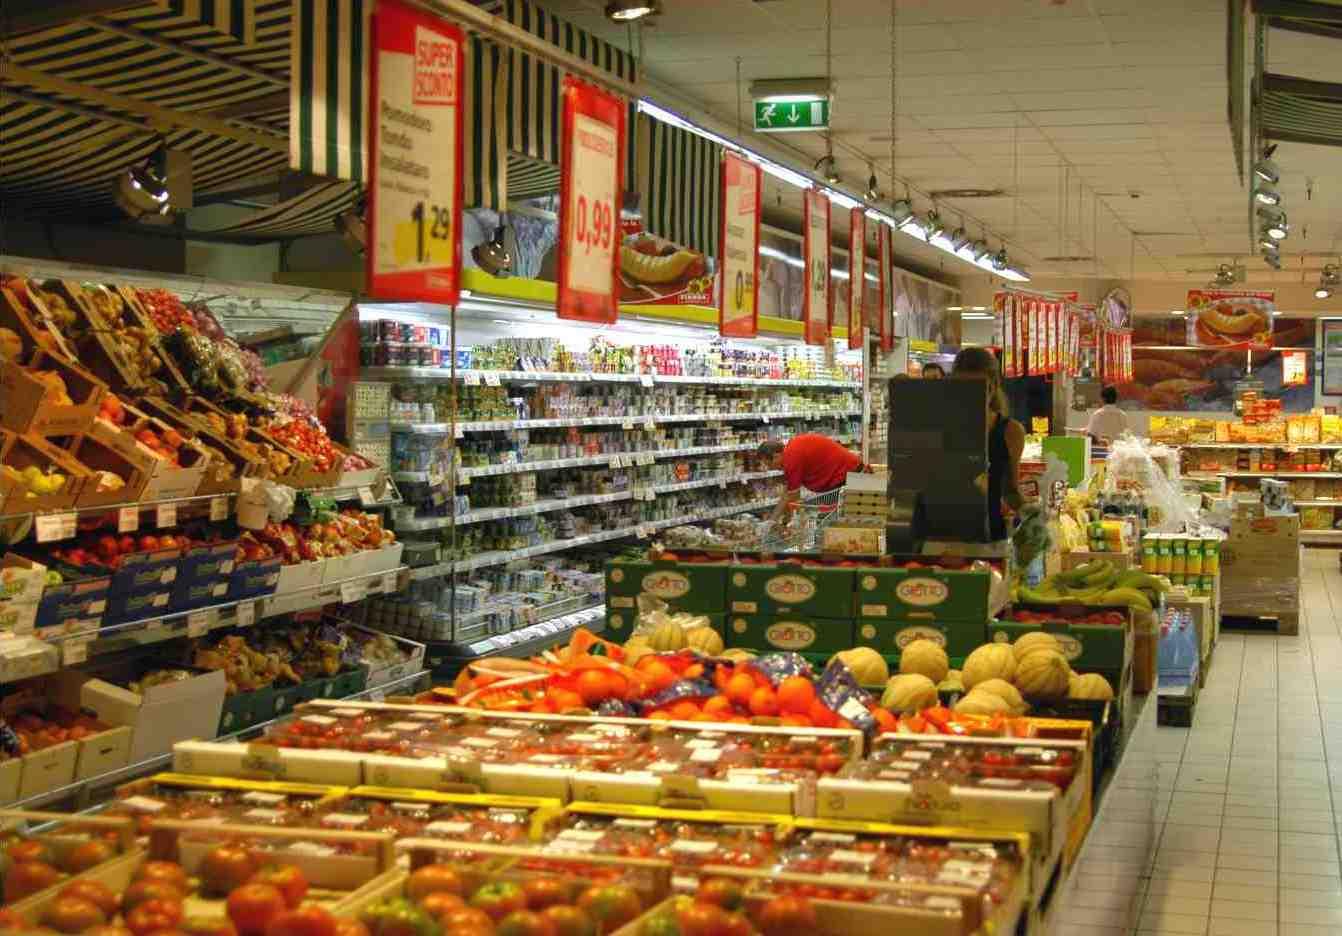 Industria alimentare formule classiche poca innovazione for Supermercati esselunga in italia